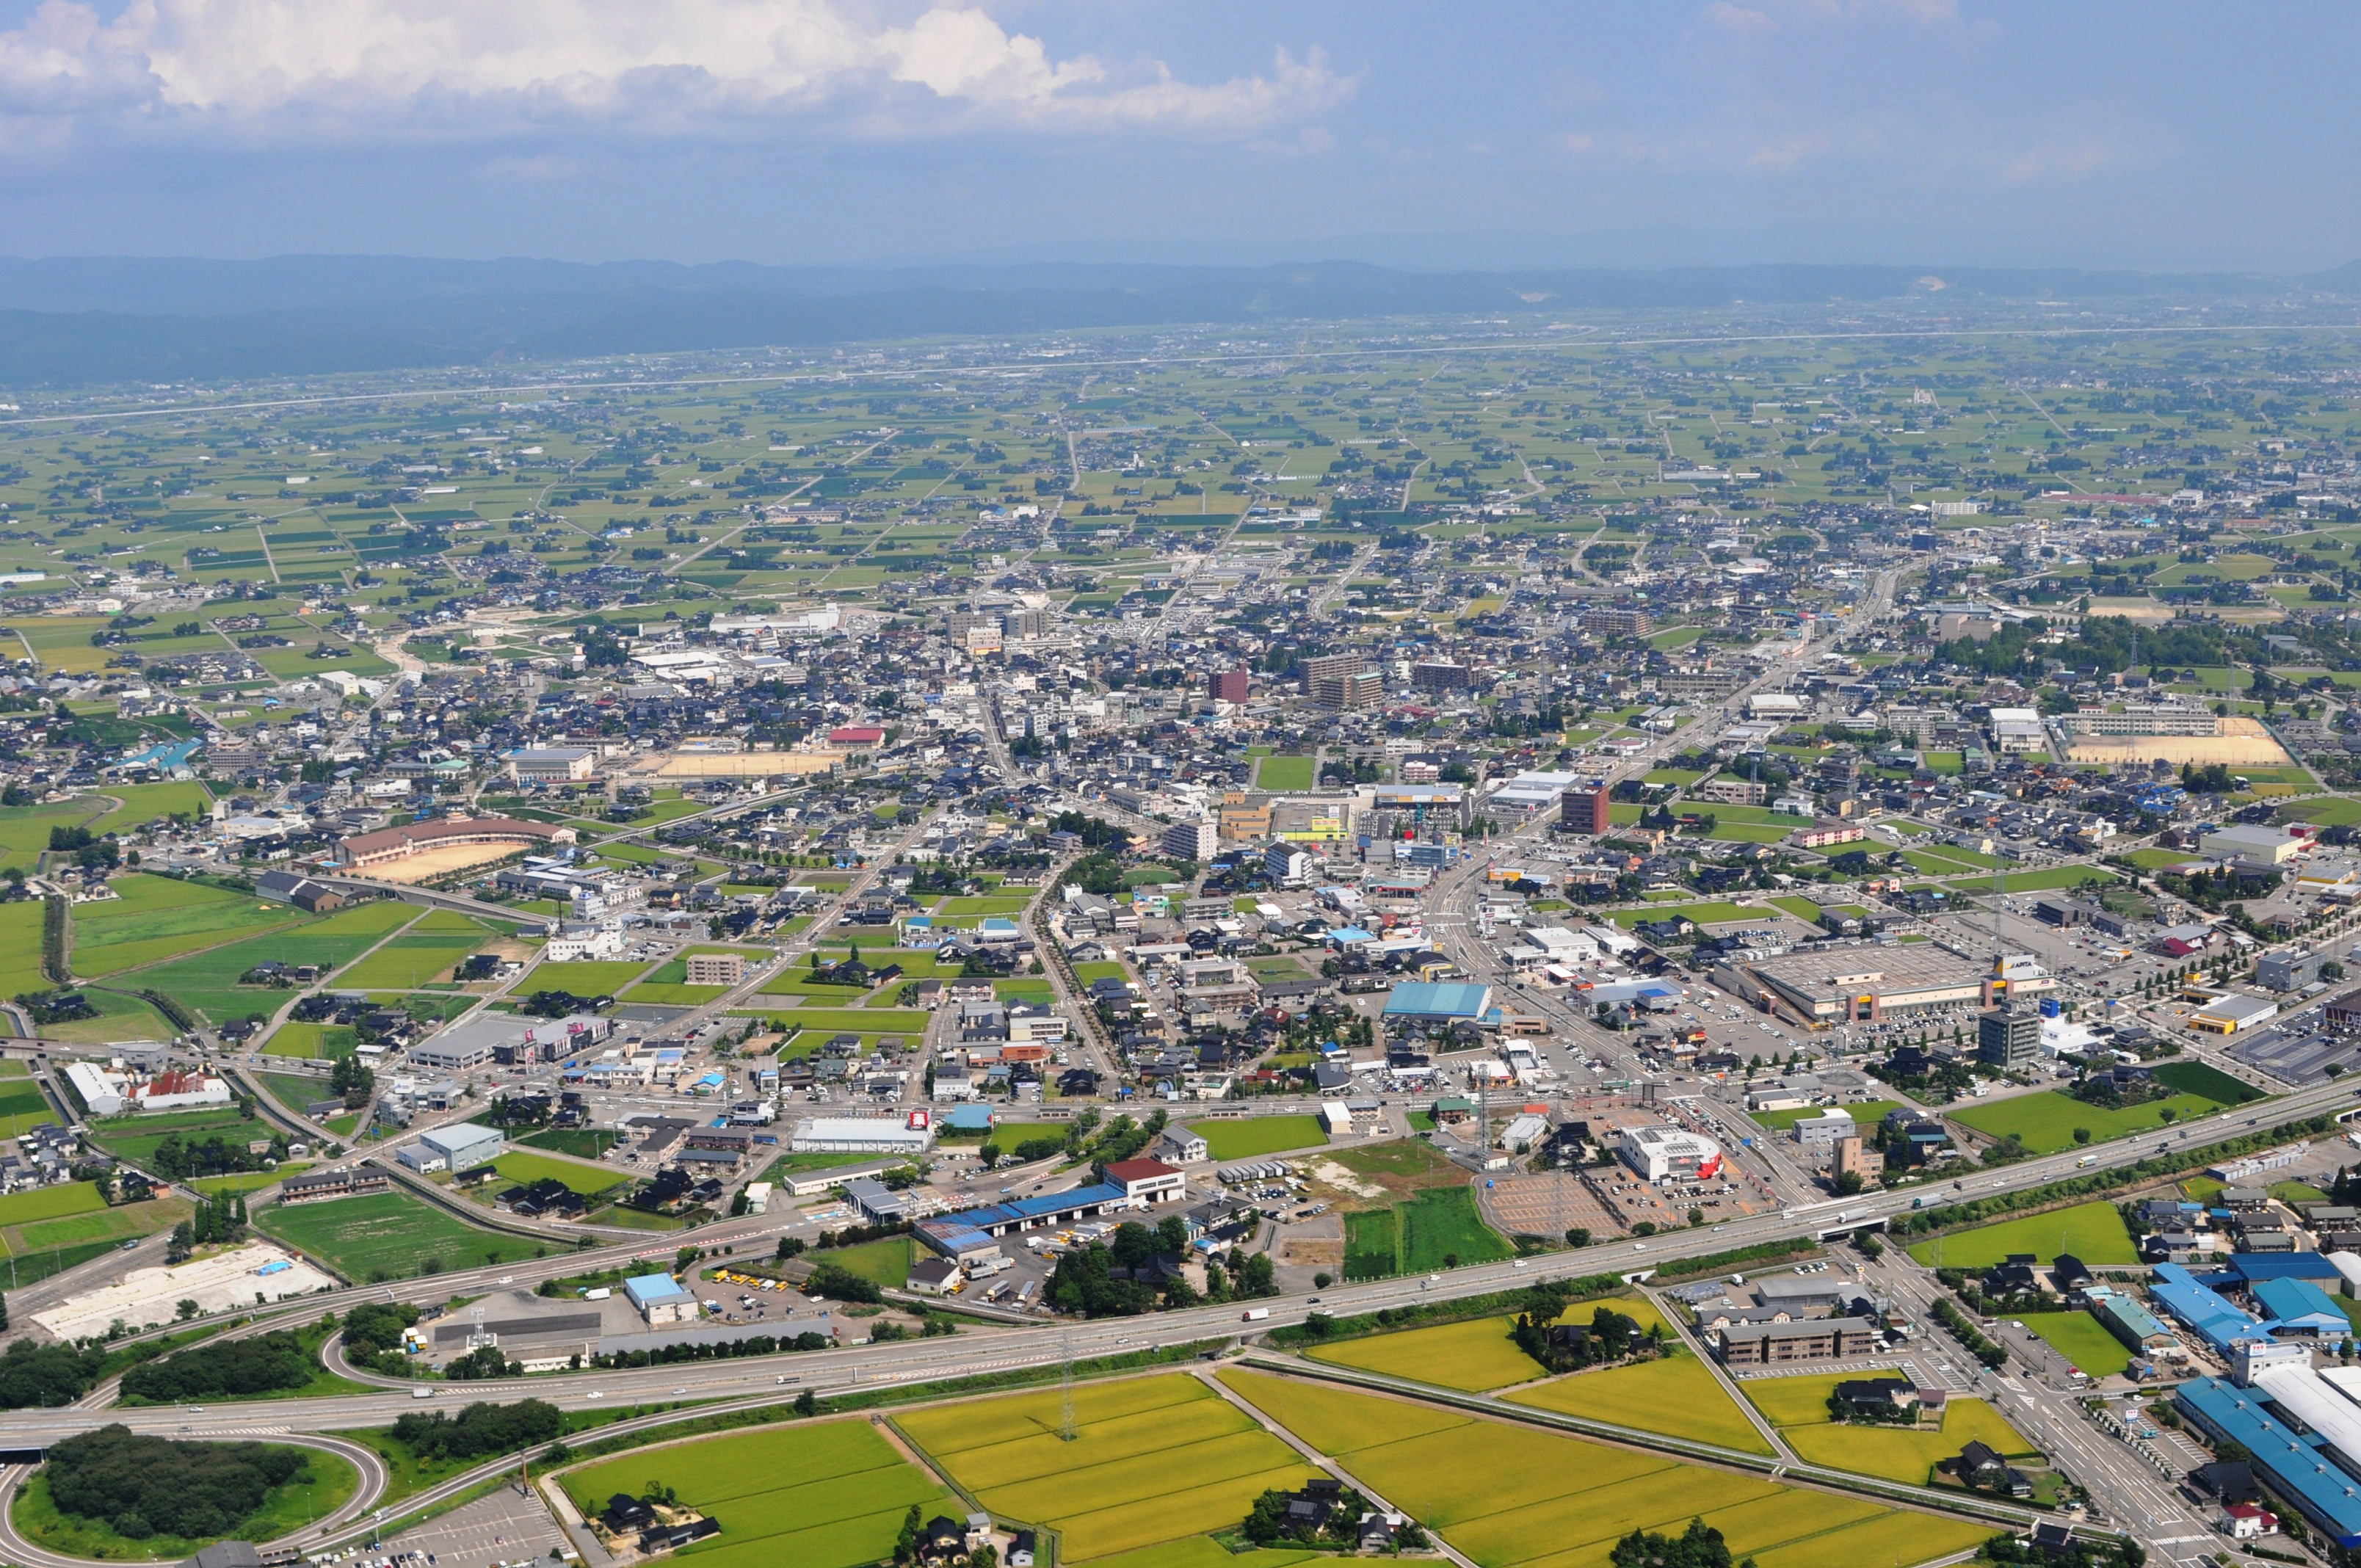 砺波市観光スポットご紹介!おすすめ穴場から人気の王道まで楽しもう!